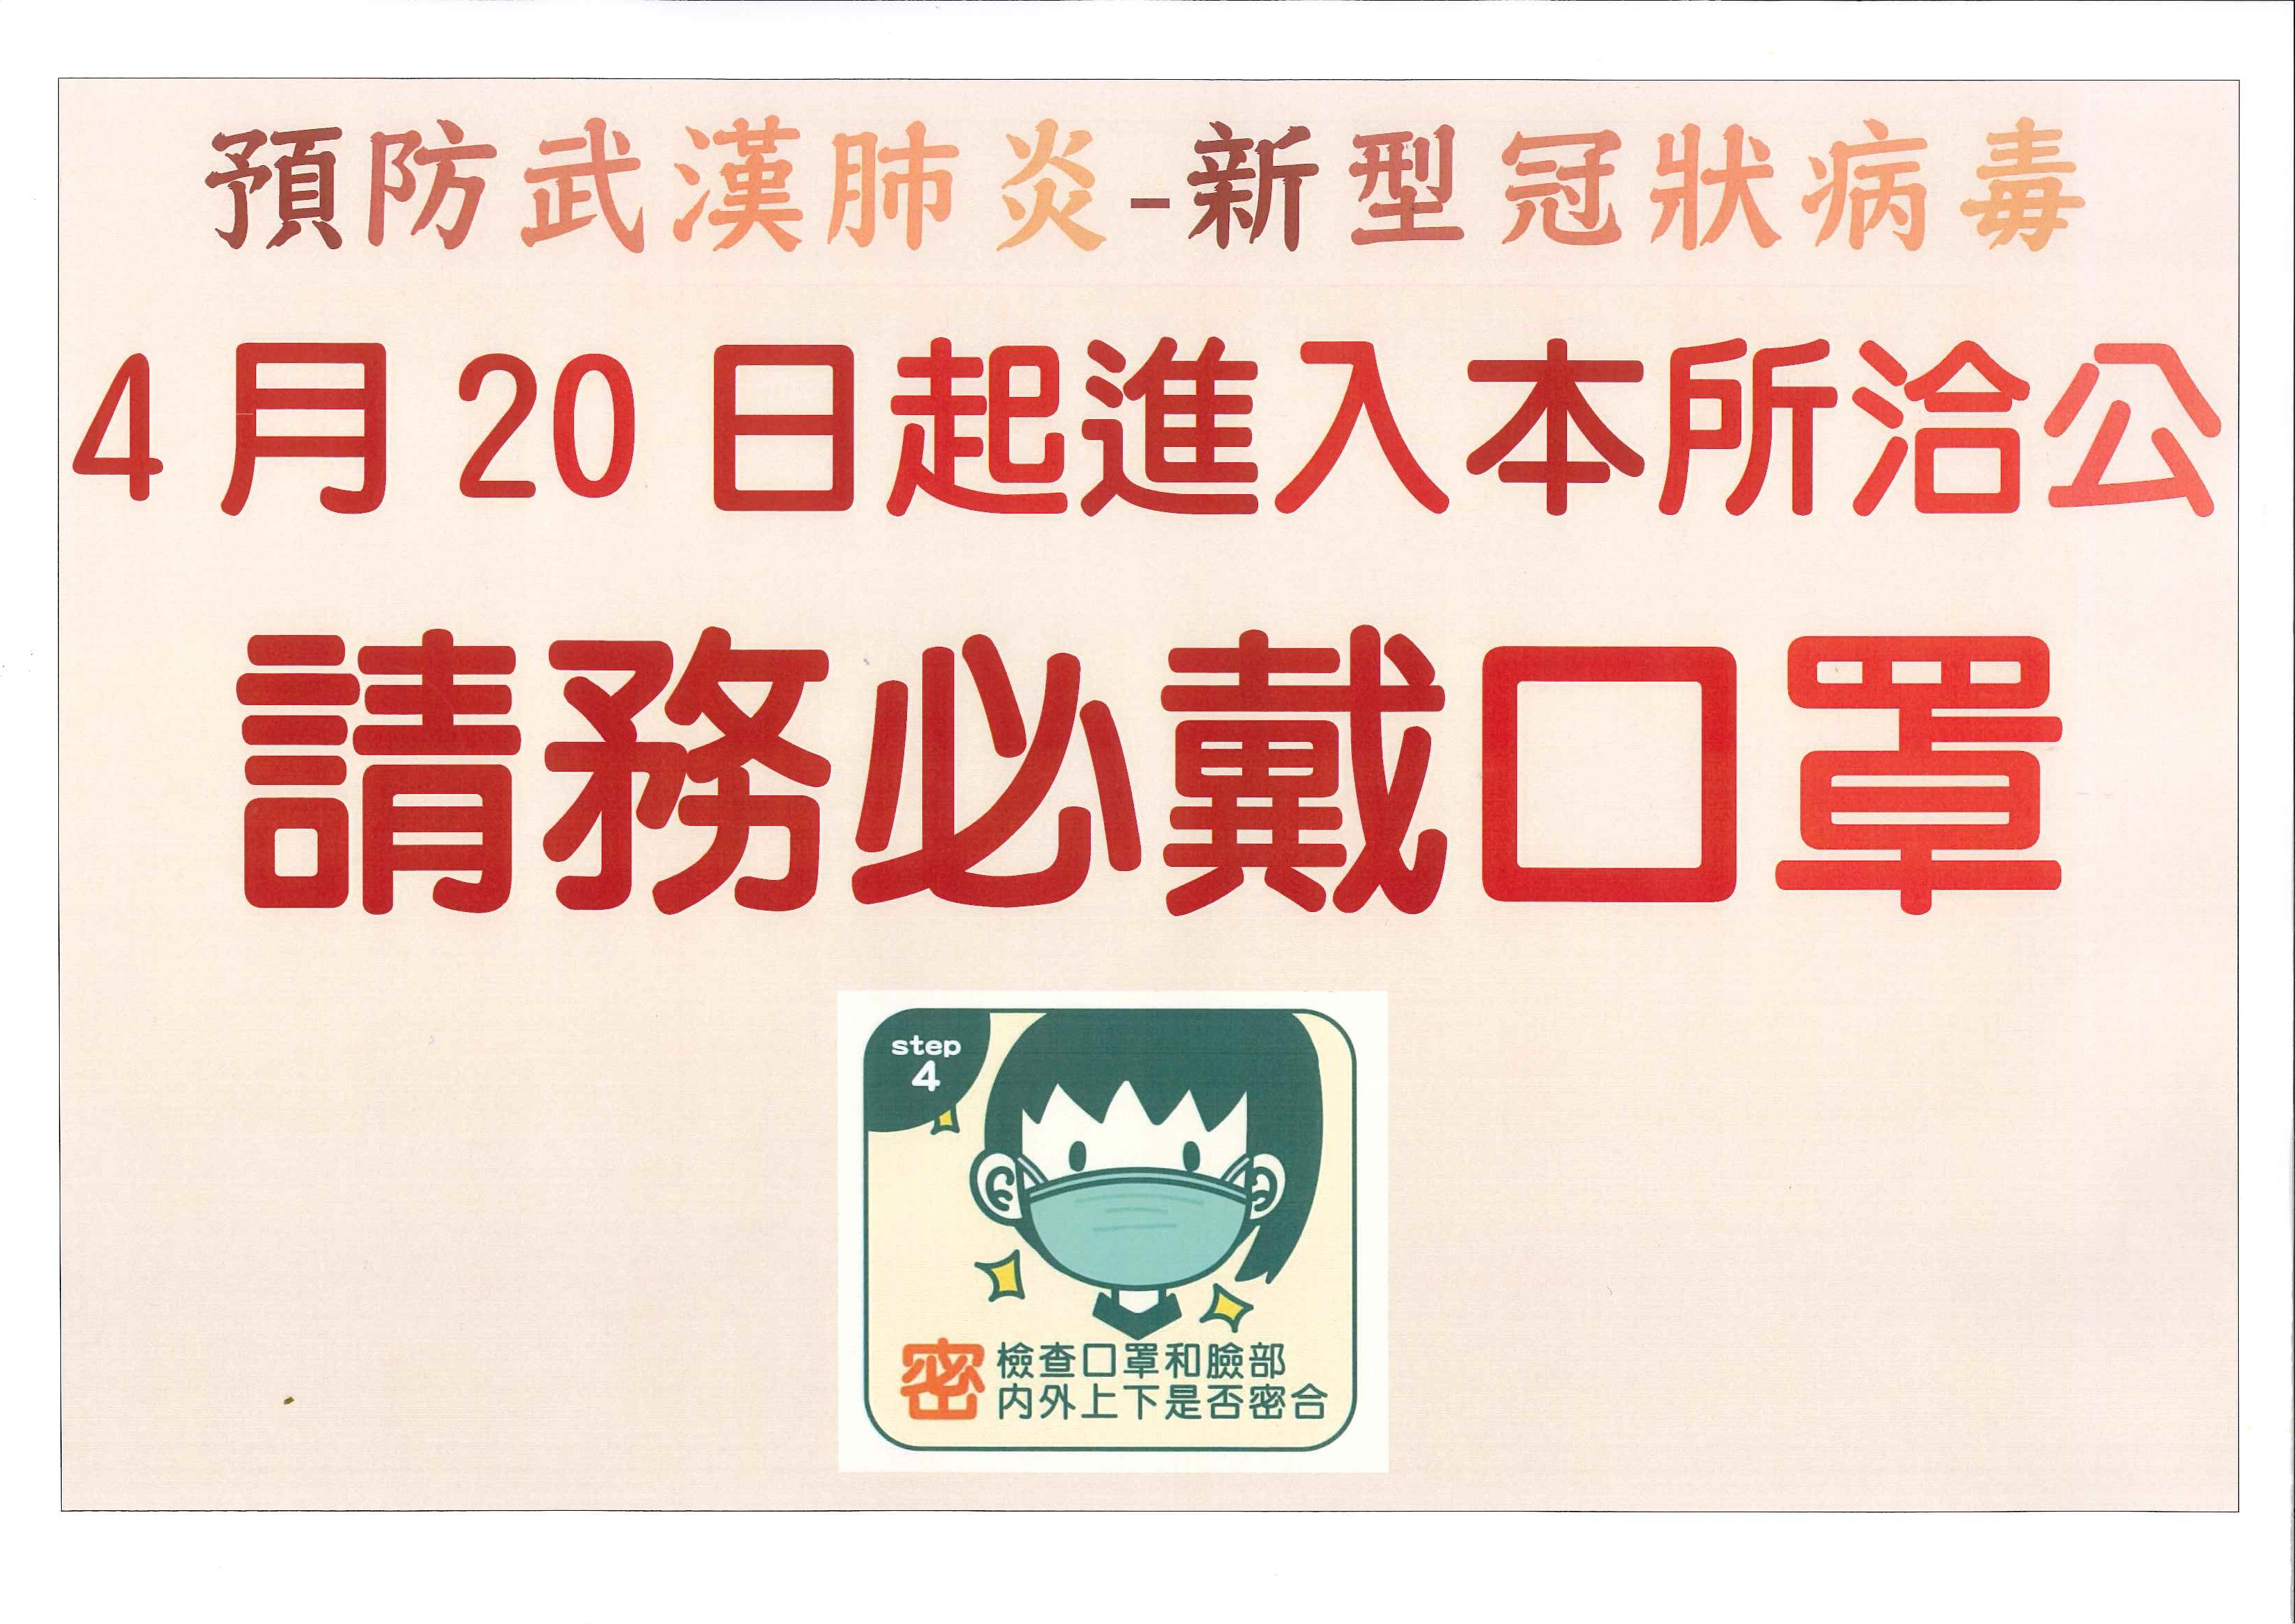 龜山區公所自109年4月20日(星期一)起民眾洽公均需戴口罩